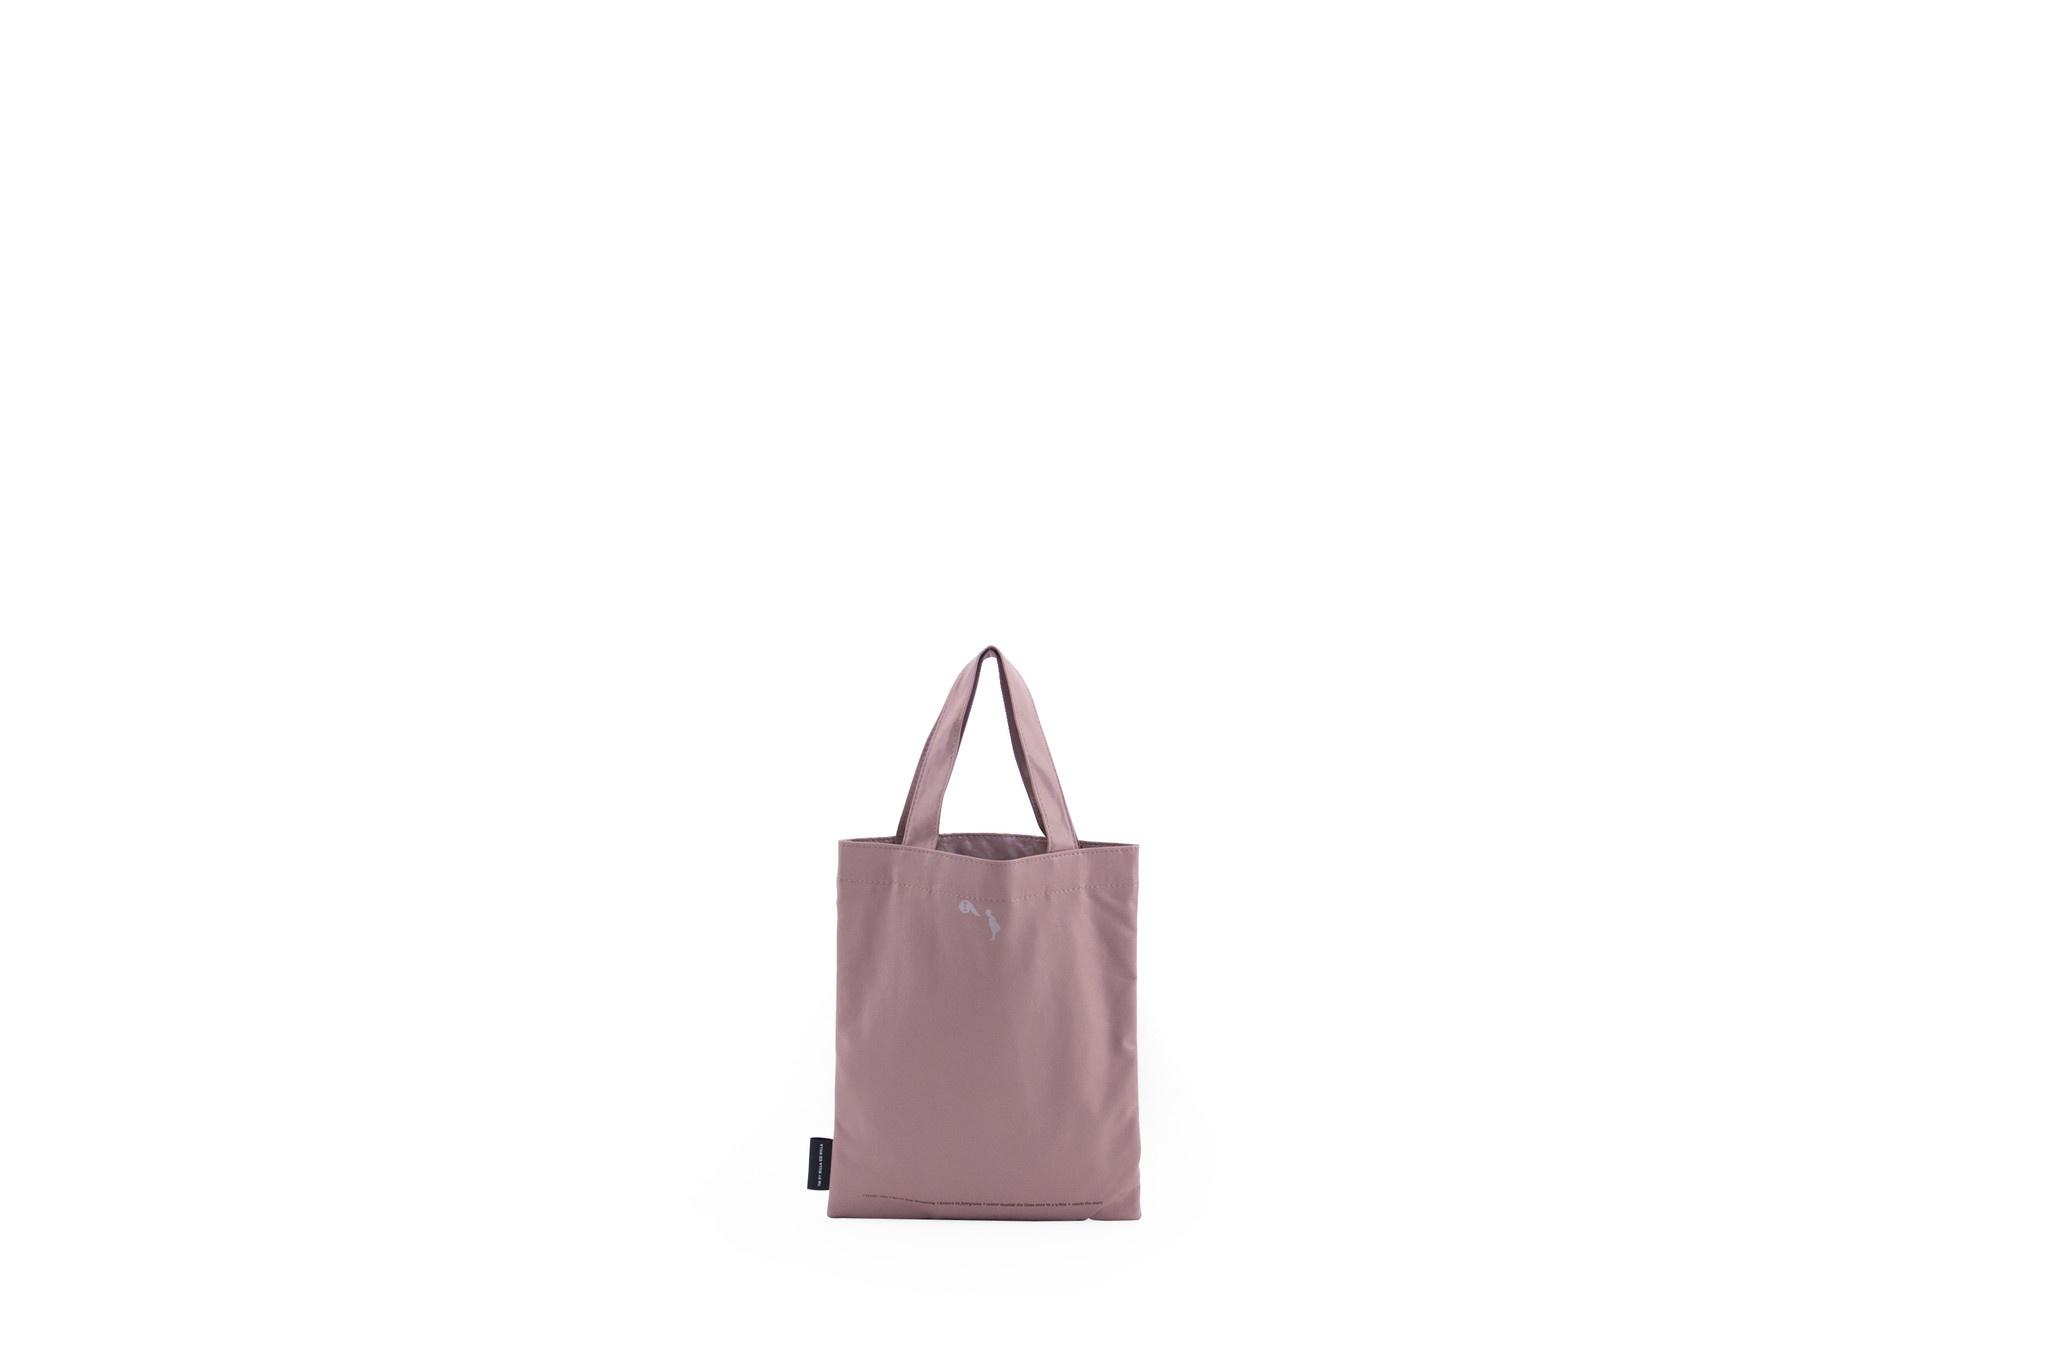 Kids Tote Bag - Pastel Pink (4 stuks)-2